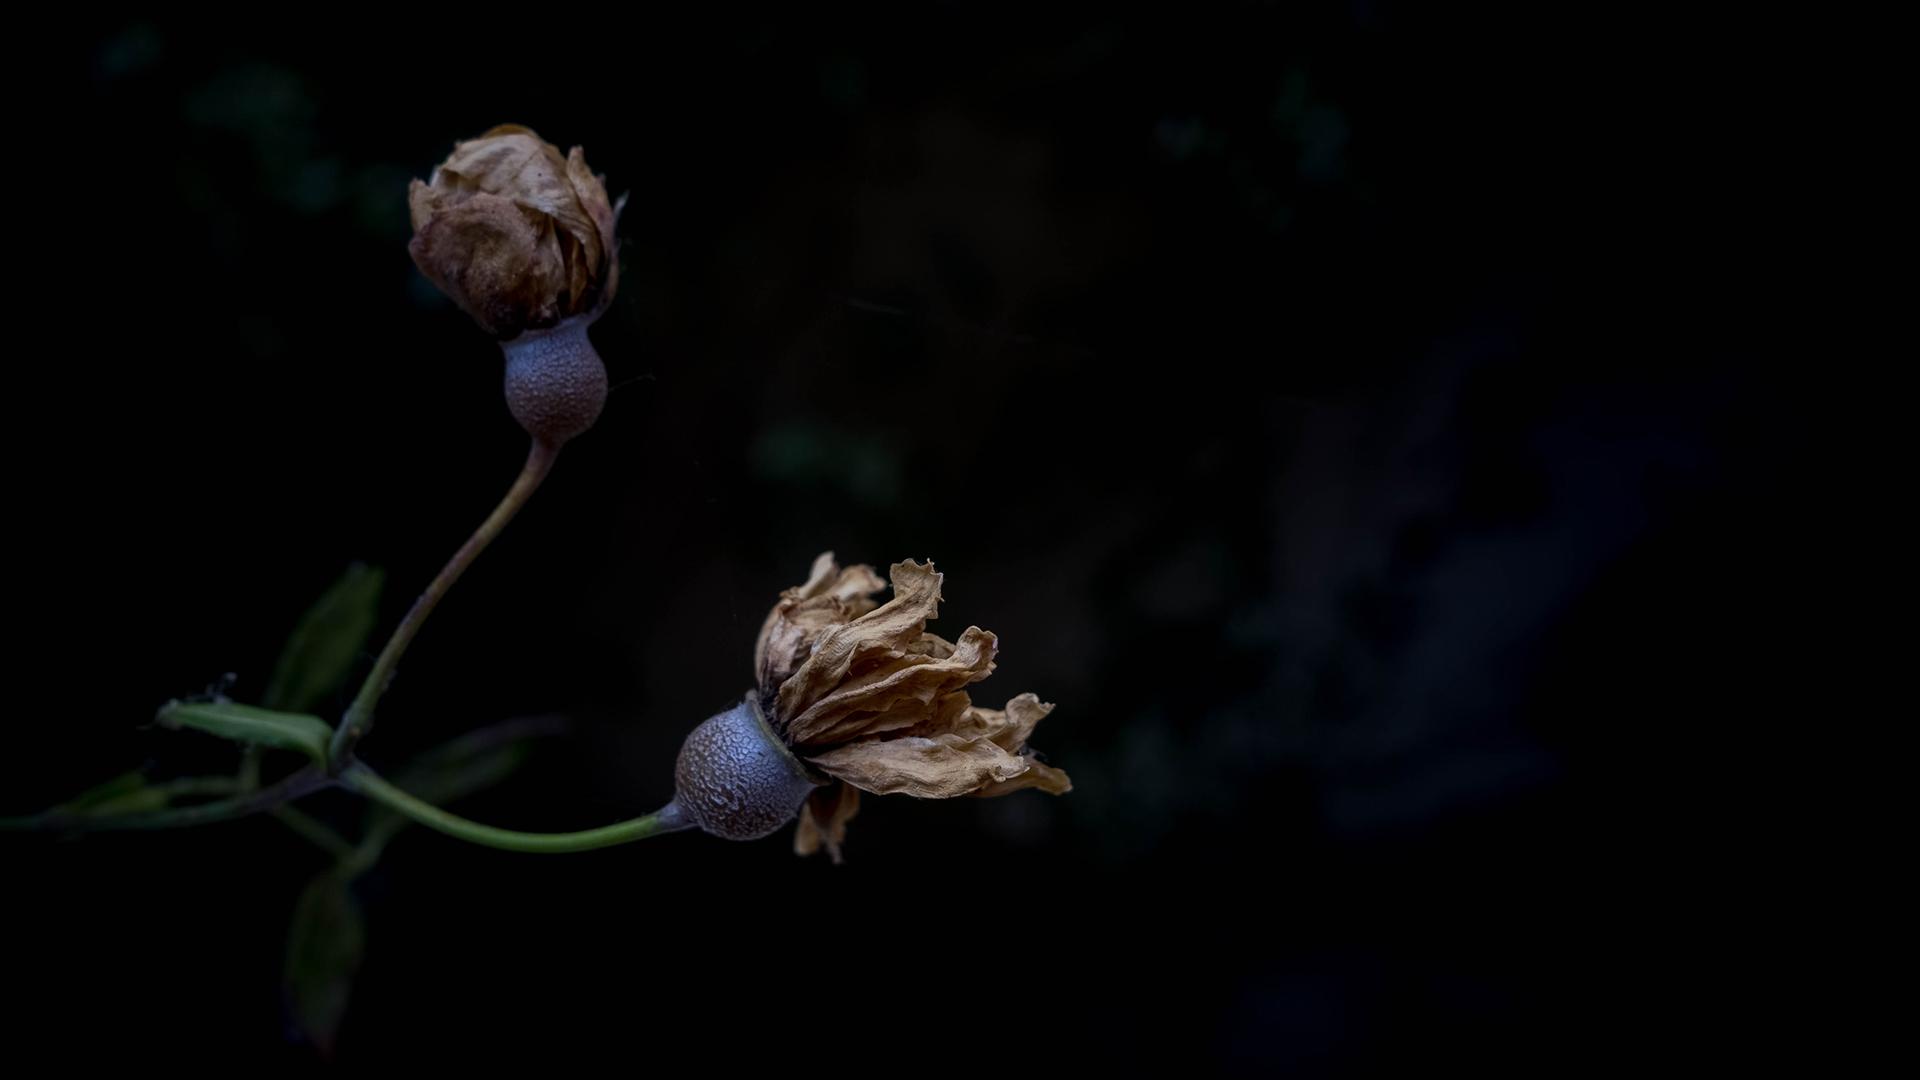 flores secas, de volta ao armário